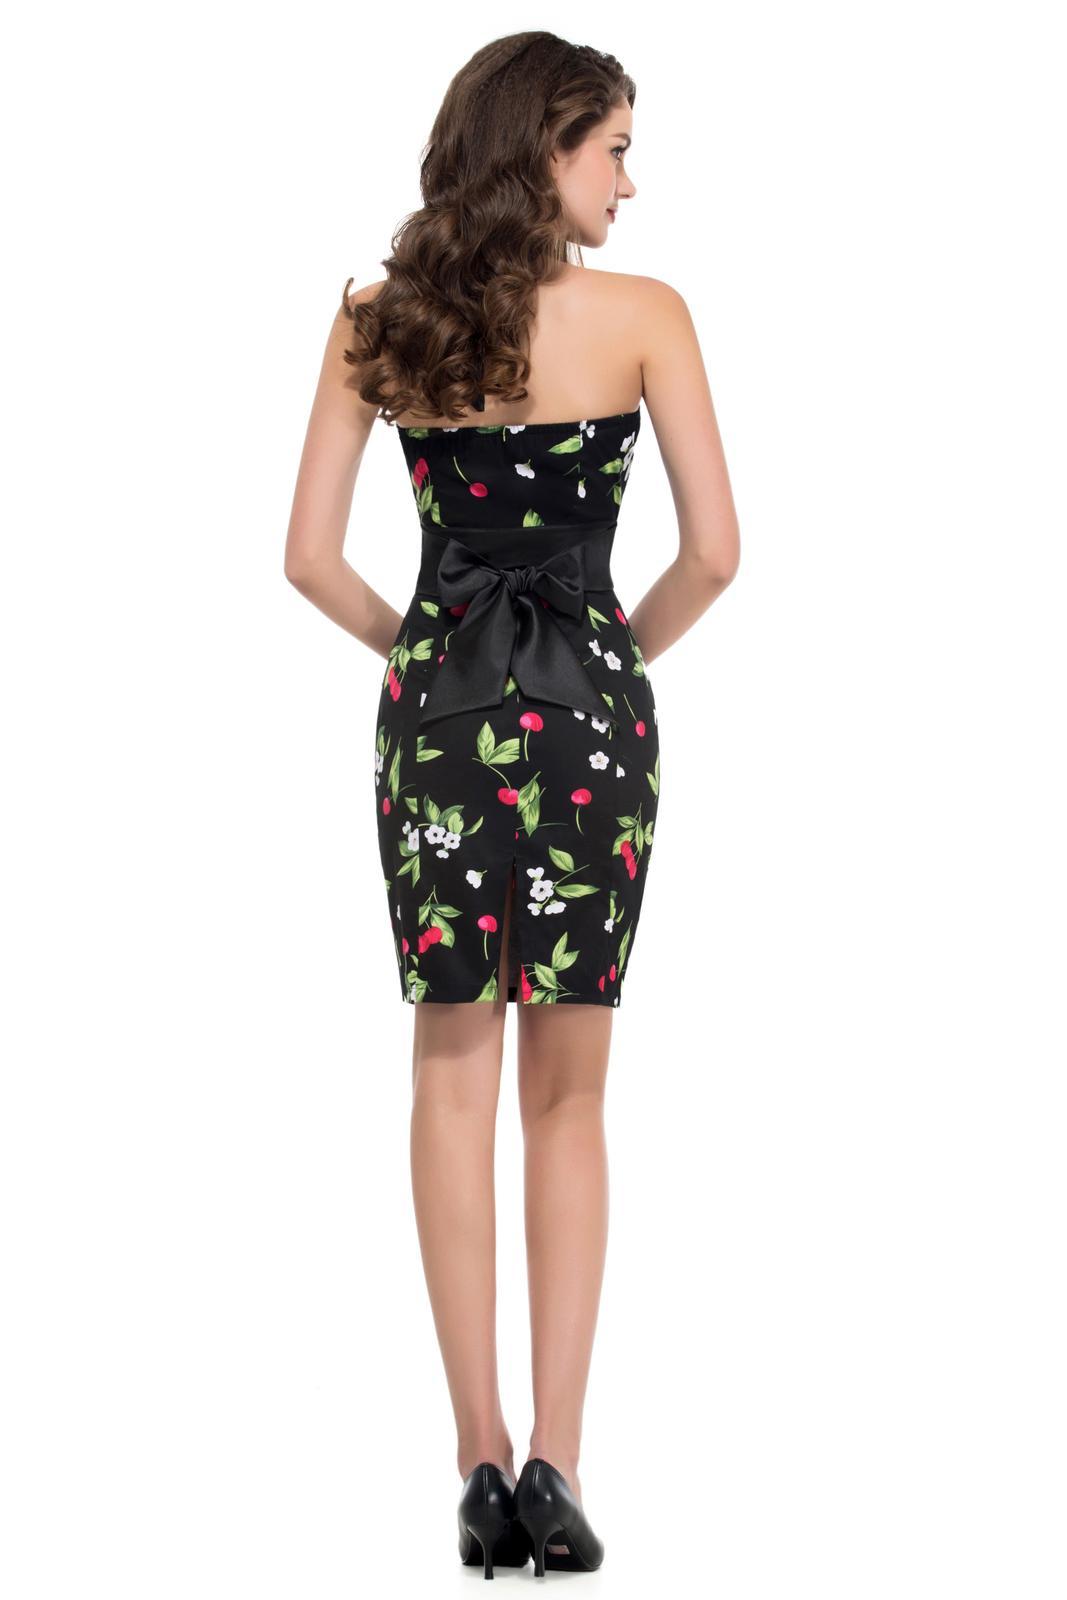 Retro šaty - Úzke čierne retro šaty s čerešničkami - 50. roky SKLADOM: http://salonevamaria.sk/index.php?id_category=27&controller=category NA OBJEDNÁVKU: http://salonevamaria.sk/index.php?id_category=10&controller=category